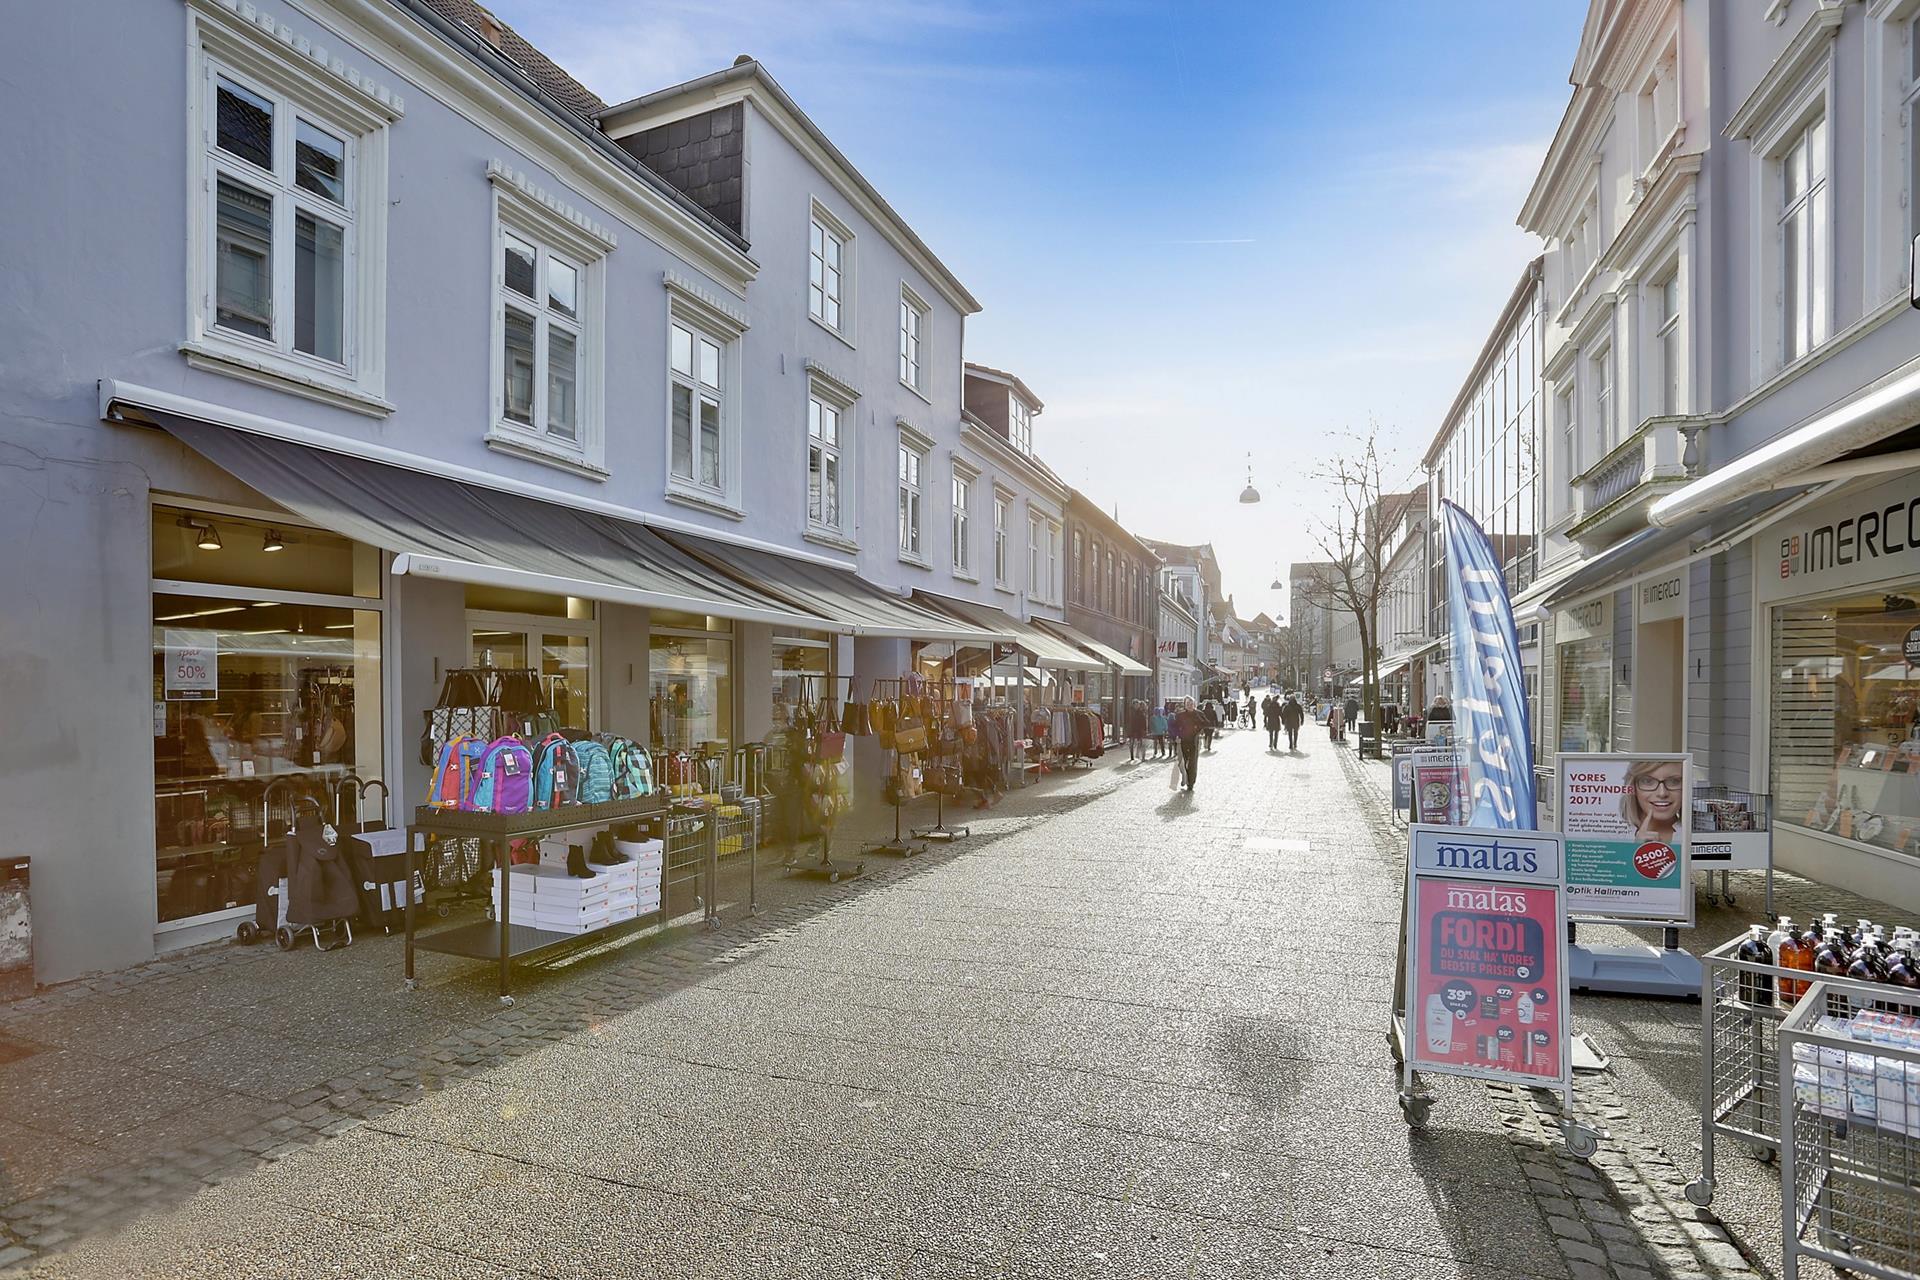 Bolig/erhverv på Storegade i Haderslev - Ejendommen